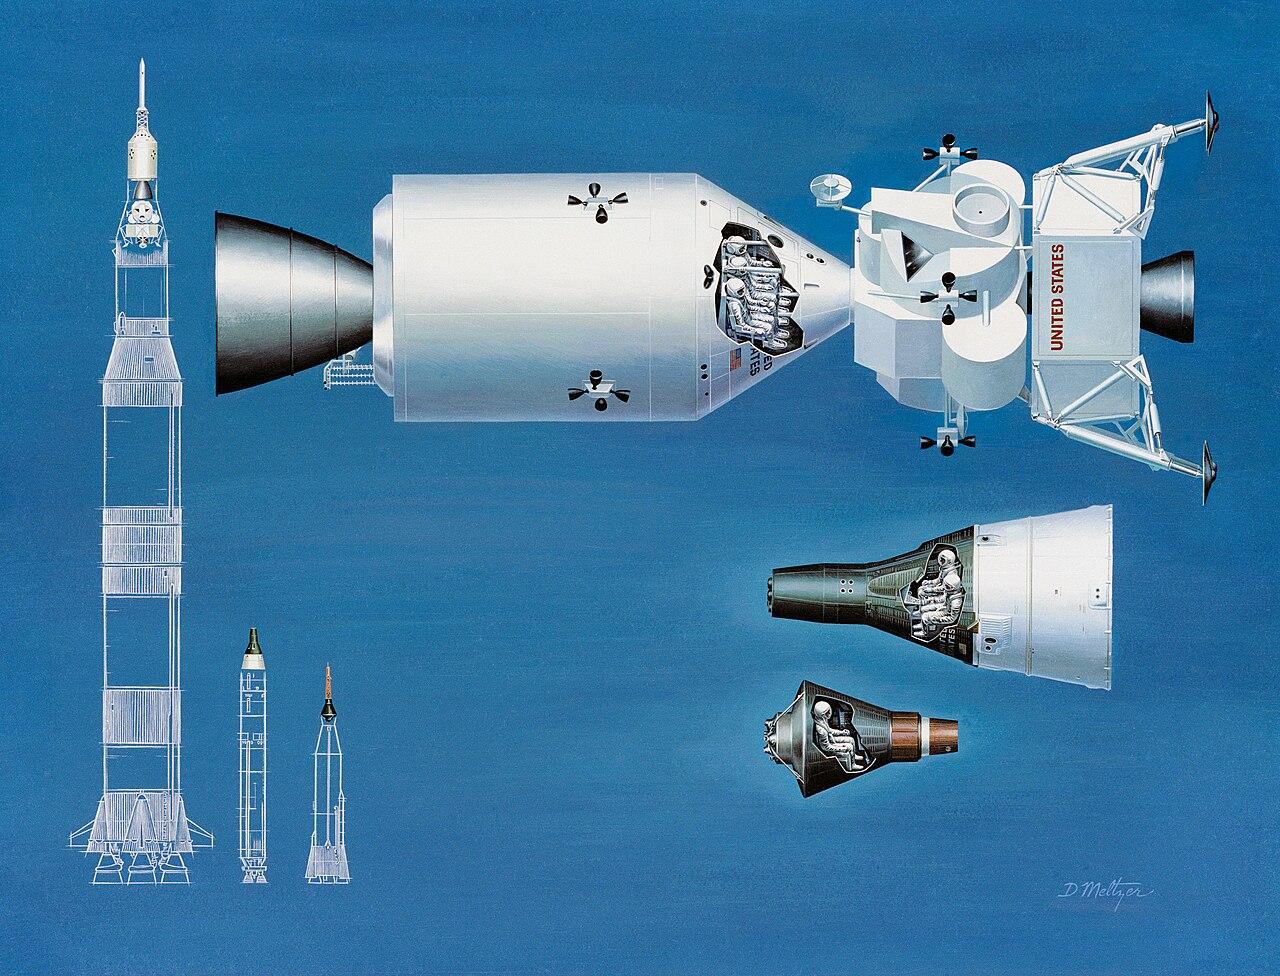 1280px-NASA_spacecraft_comparison.jpg